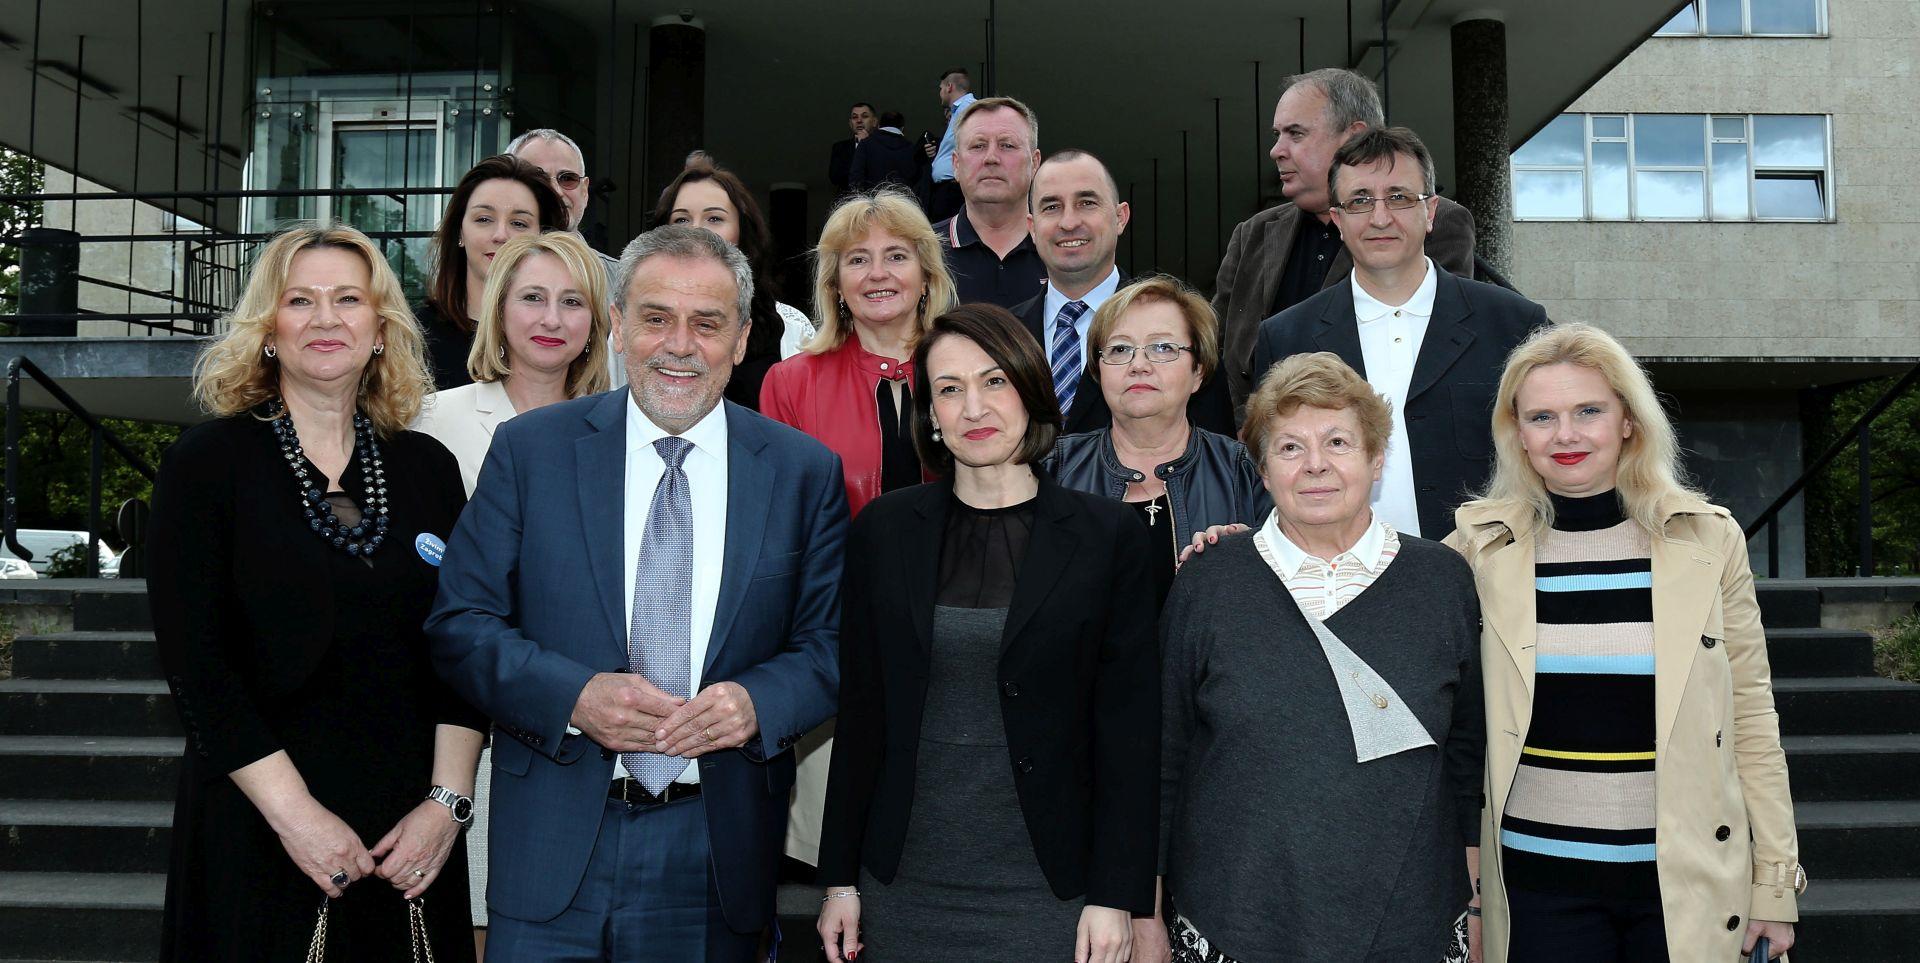 Bandić predao kandidaturu sa 67.000 potpisa Zagrepčana za šesti gradonačelnički mandat